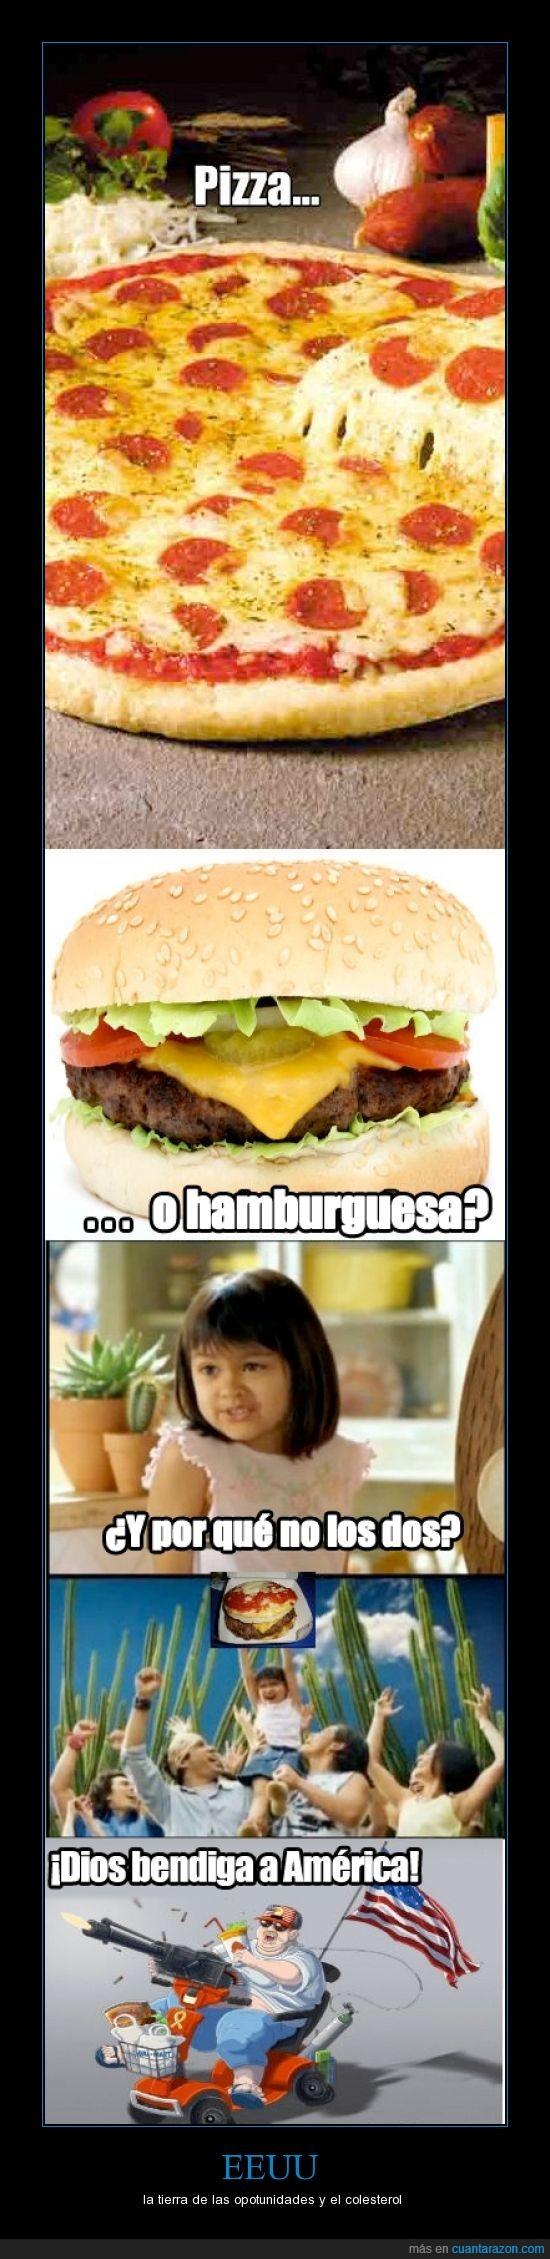 colesterol,estados unidos,hamburguesa,mezcla,pizza